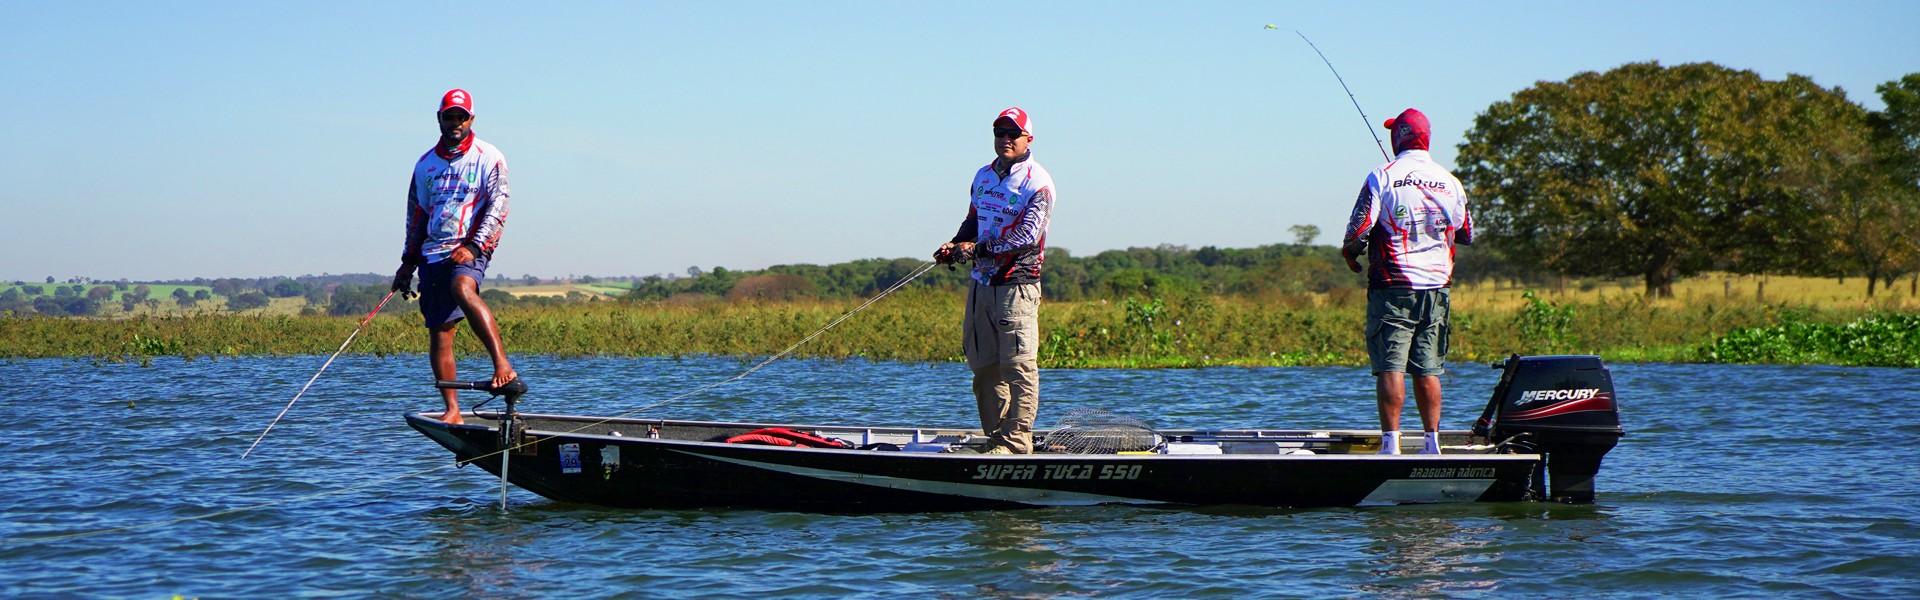 Confira os torneios de pesca esportiva que foram atração no último fim de semana